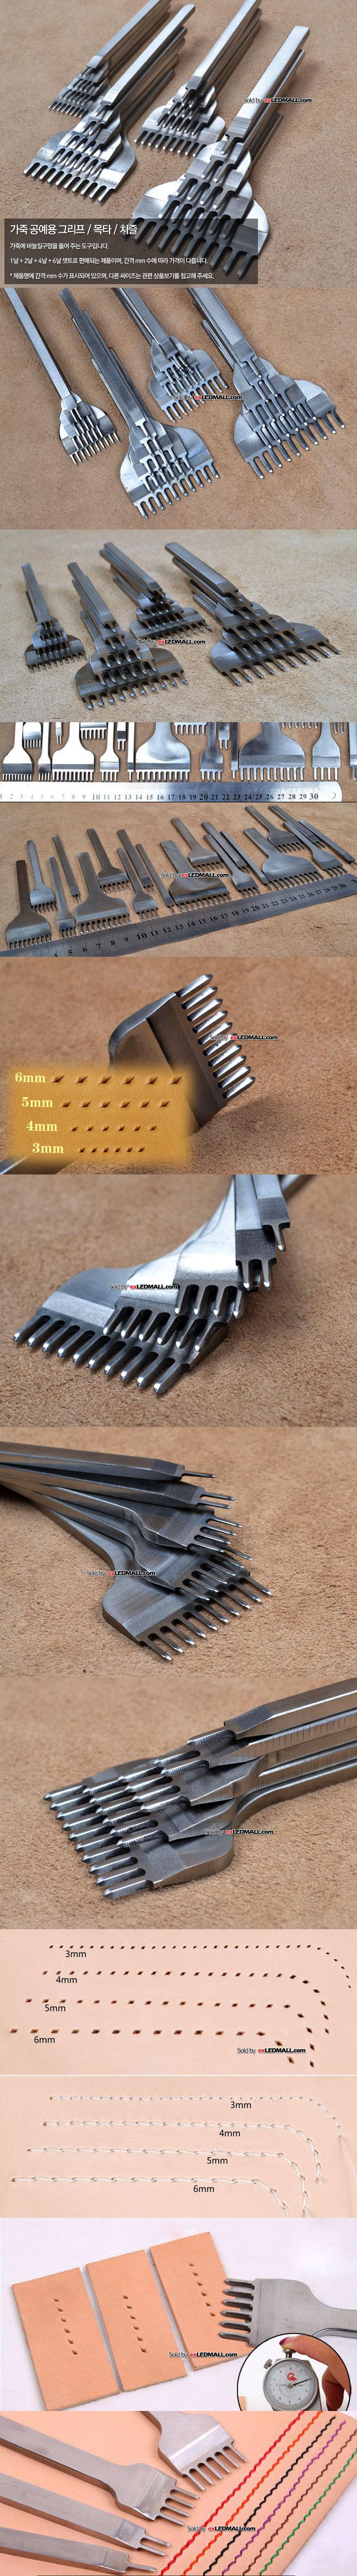 가죽 공예용 그리프 / 목타 / 치즐 (6mm-1,2,4,6구 셋트)